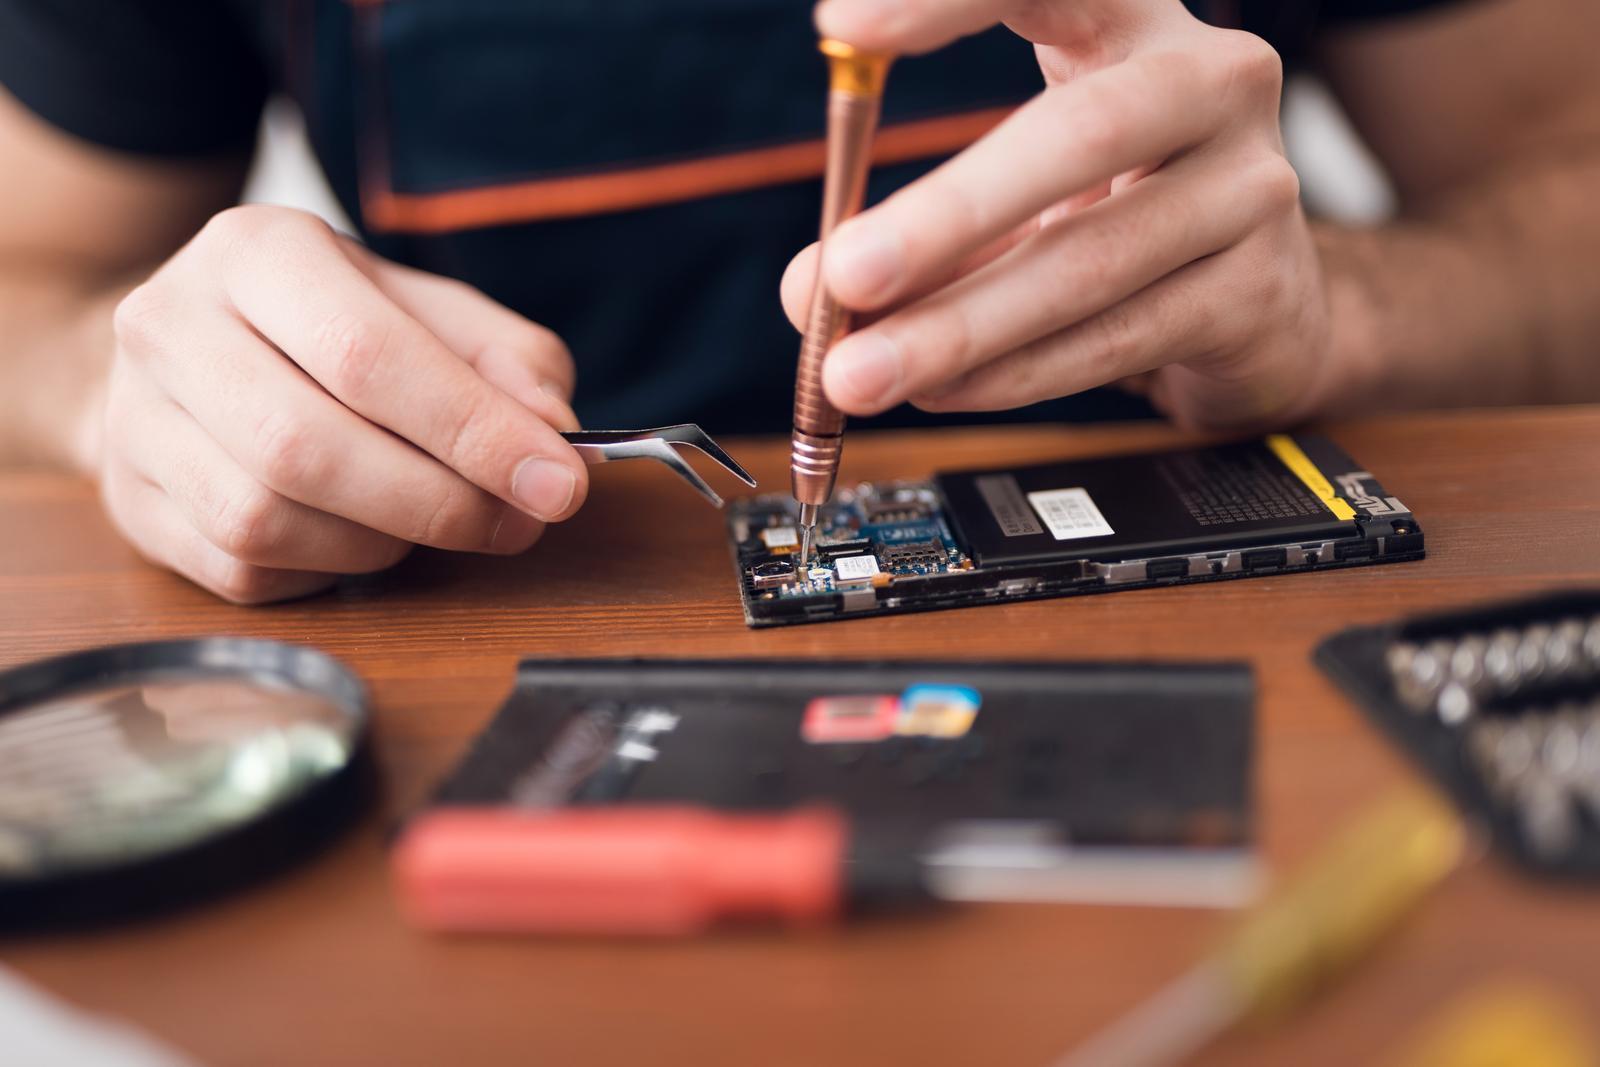 Repair of computers and peripheral equipment in Võru